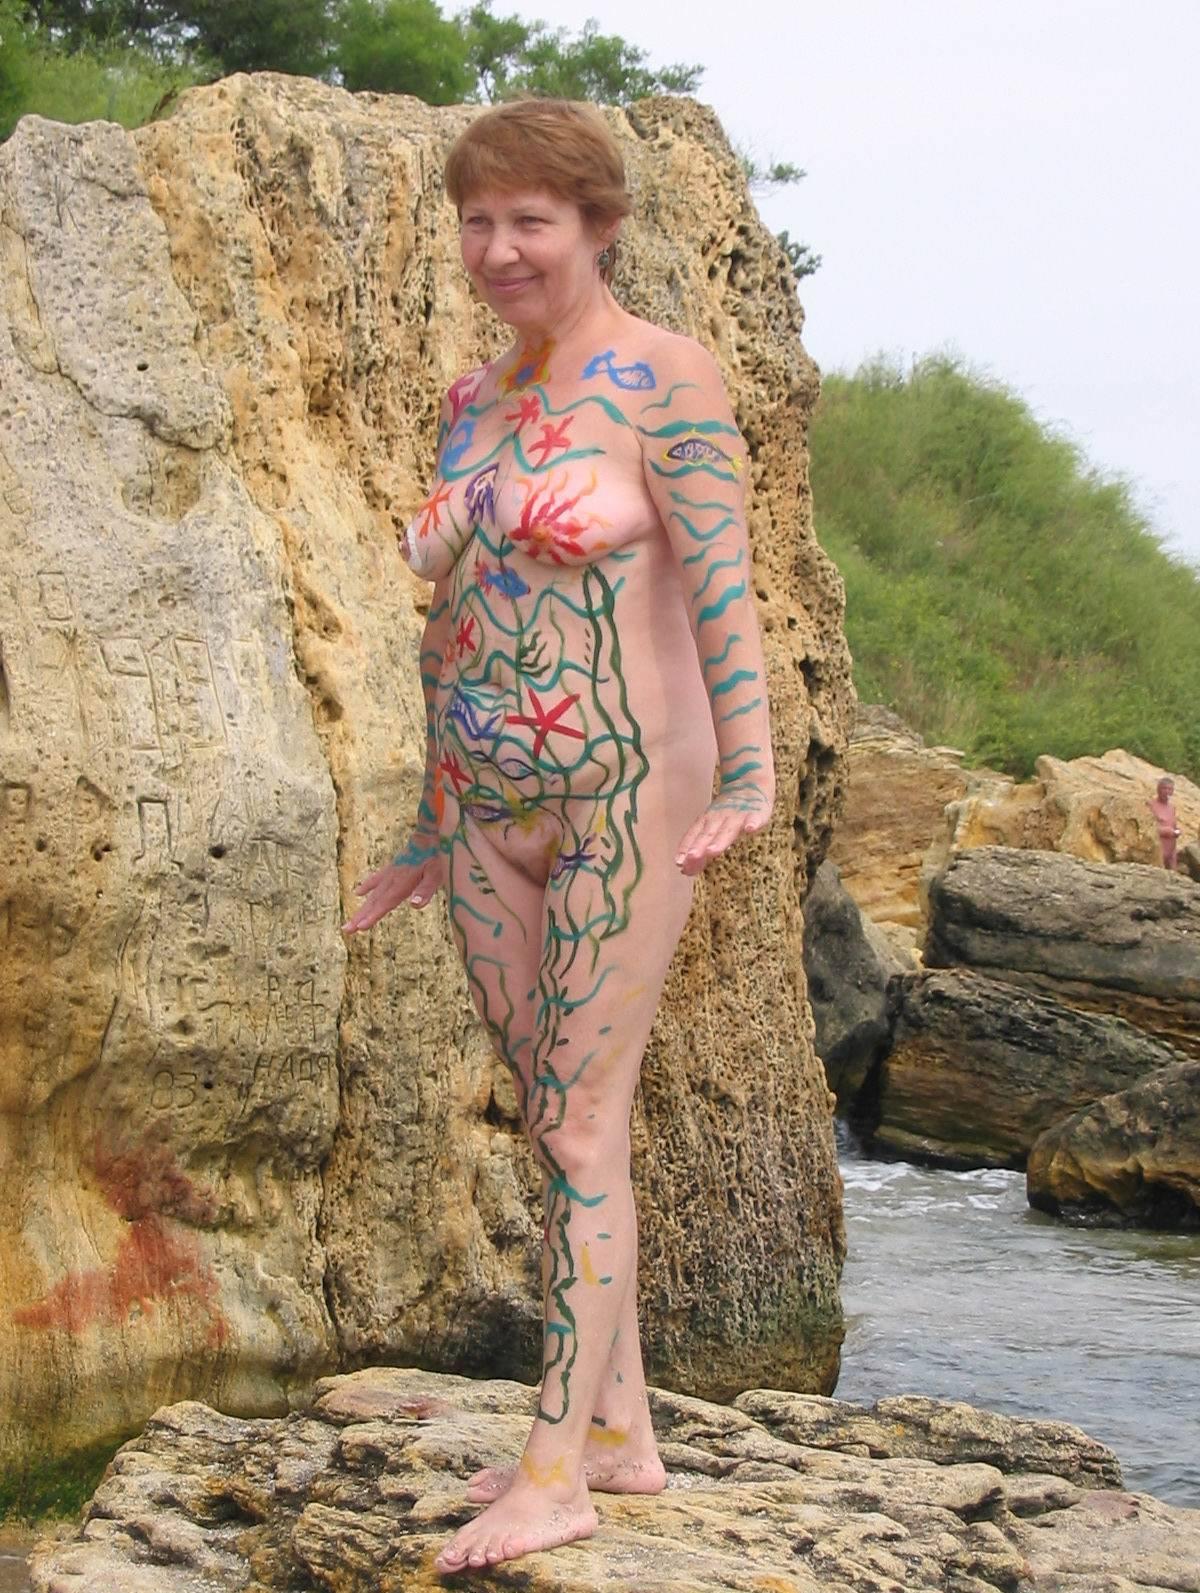 Nudist Pics Adult Shore Rock Profiles - 1